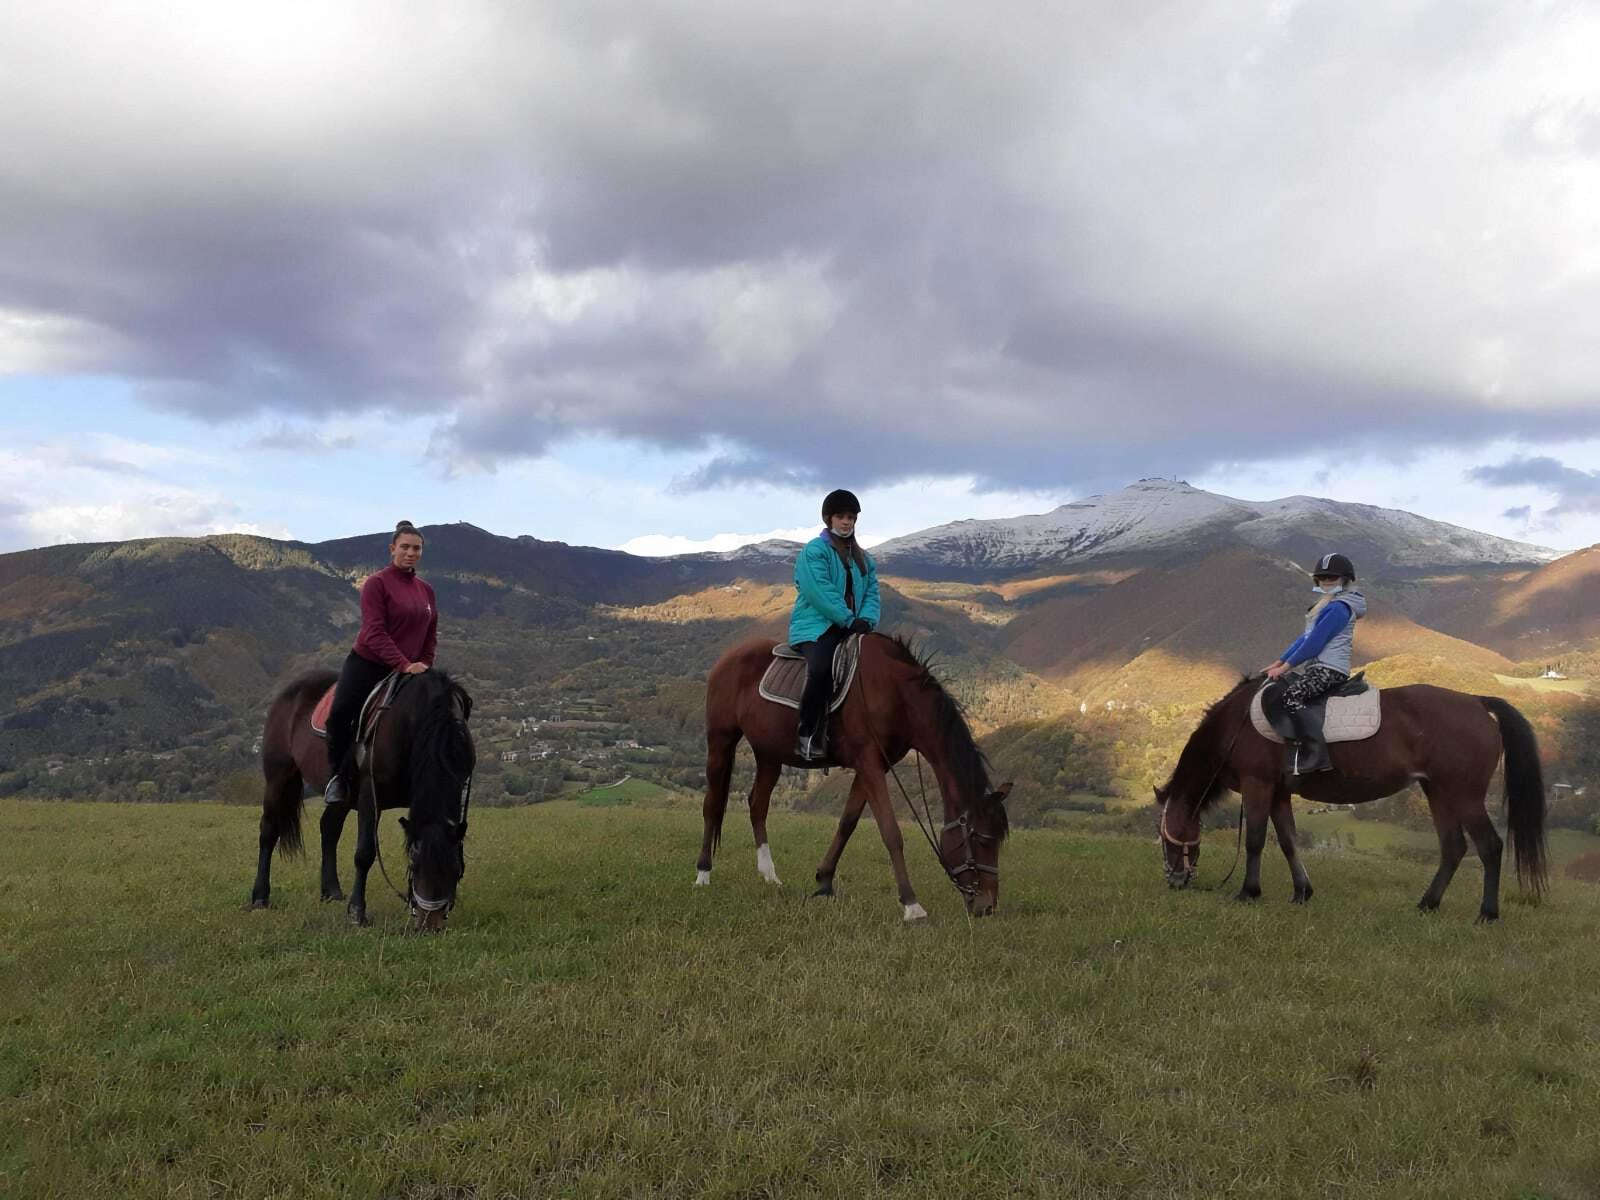 Passeggiata a cavallo sull'Appennino Tosco-Emiliano